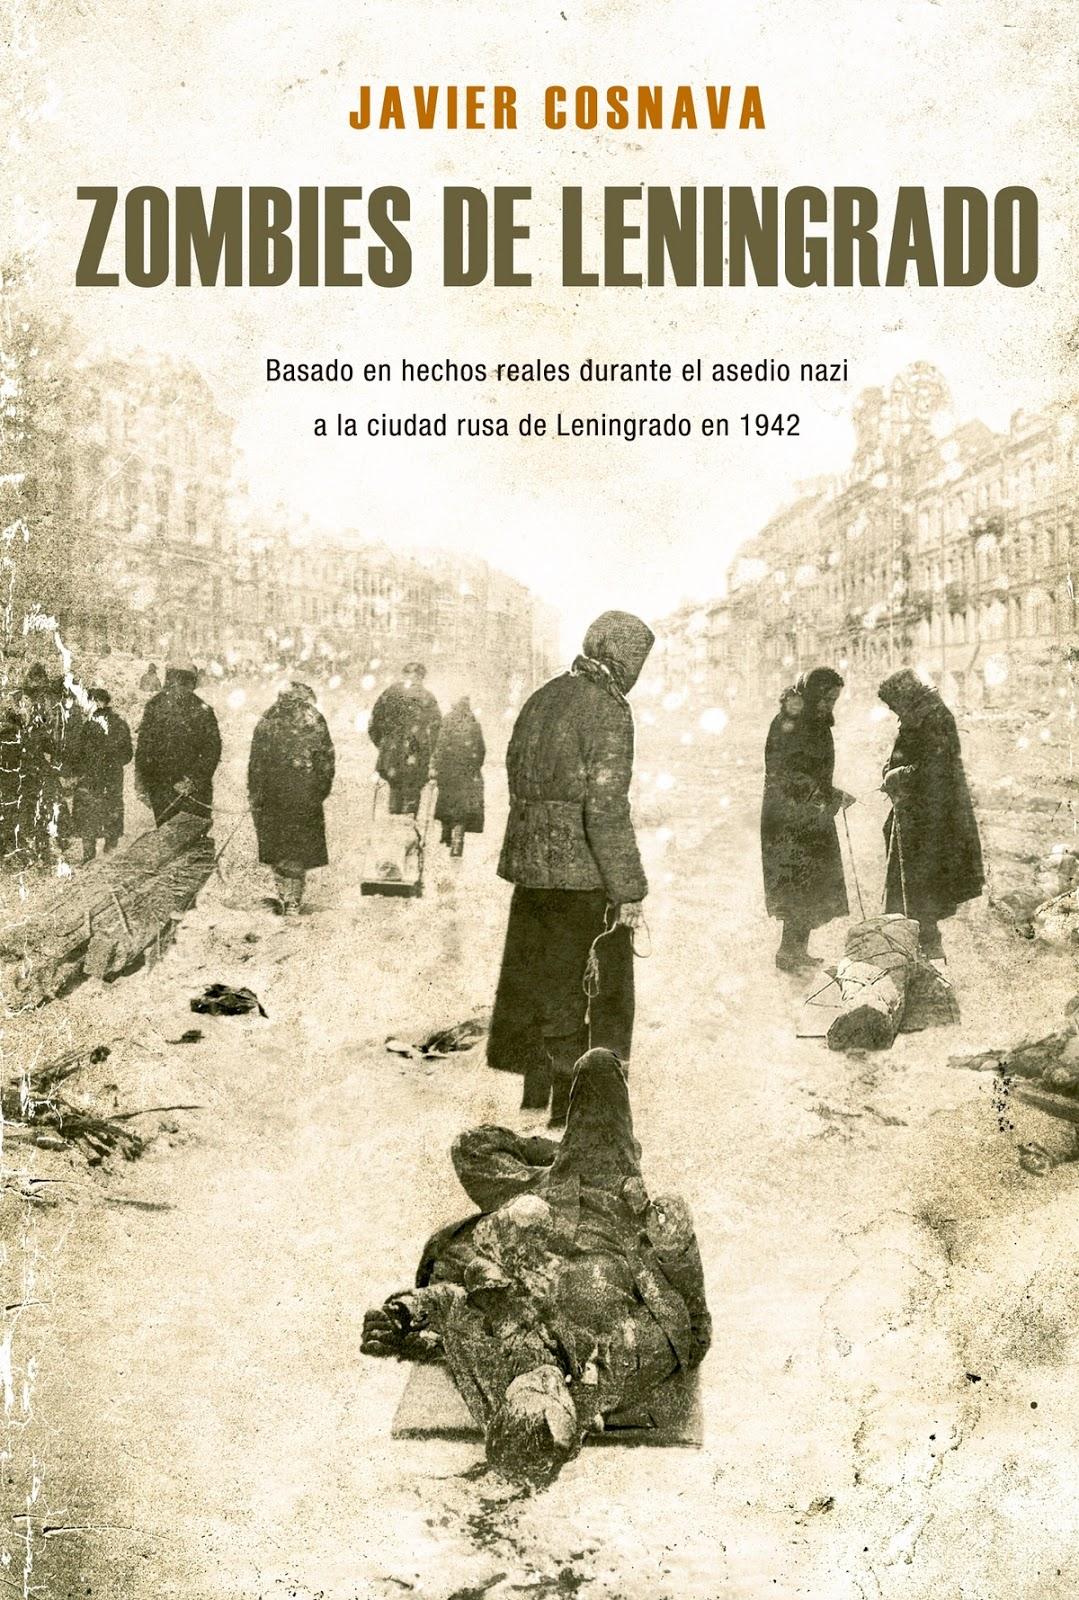 Autopsias Literarias del Dr. Motosierra  Reseña  ZOMBIES DE ... 2489b3a3c1c